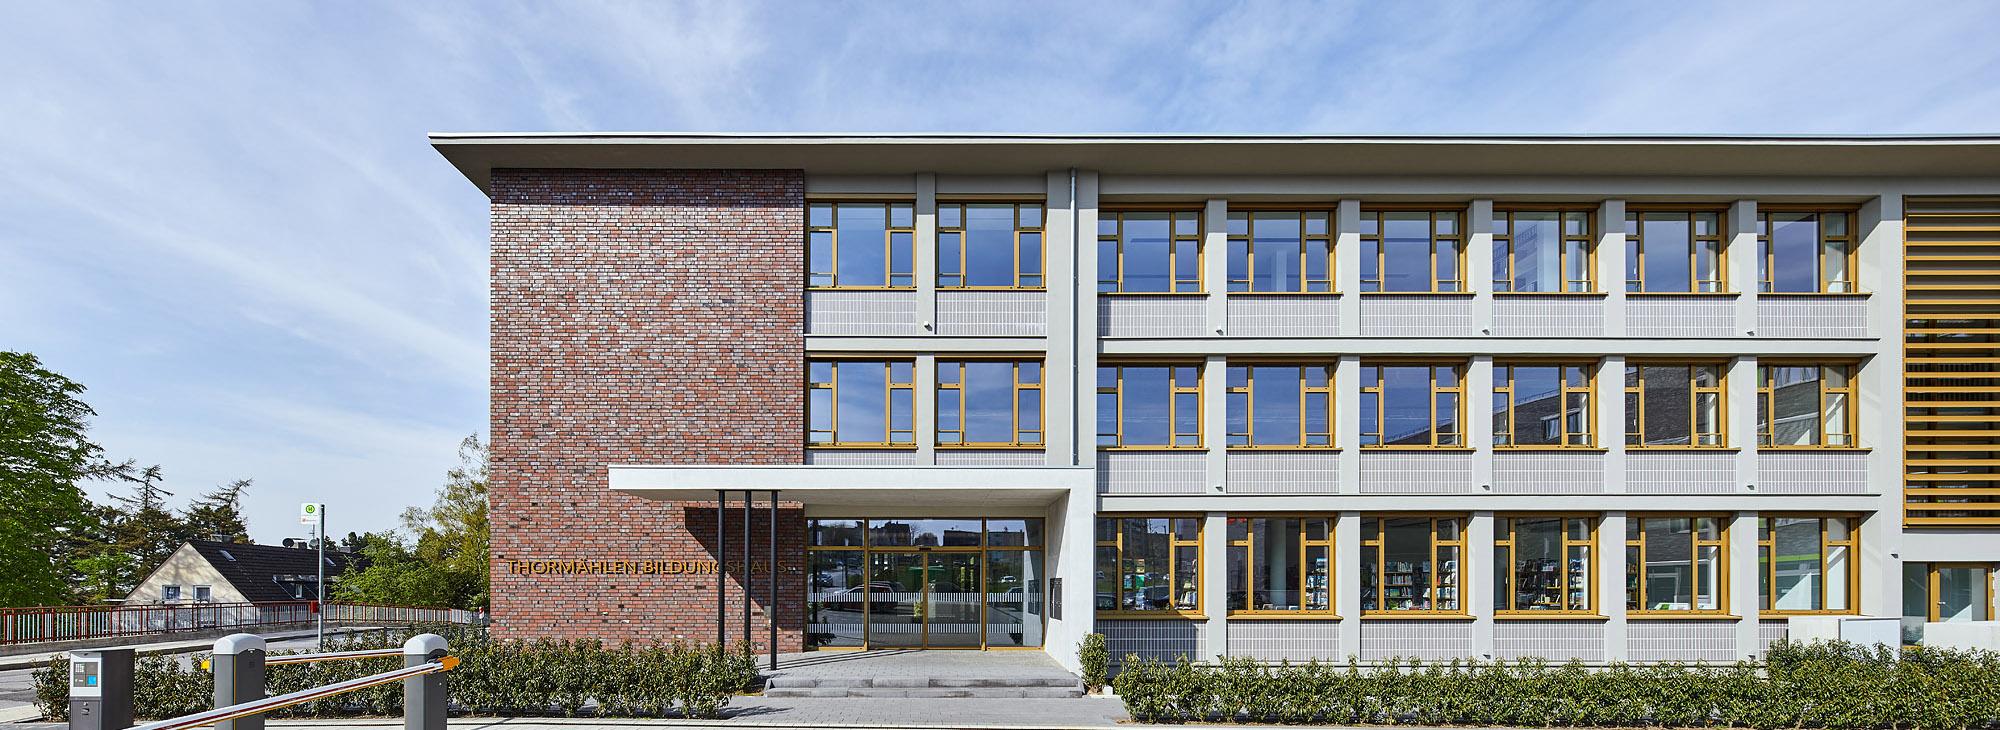 Thormählen Bildungshaus, Kettwiger Straße Heiligenhaus, Campus Uni, Büro, Architekturbüro Schönborn+Hölscher, Fassade,